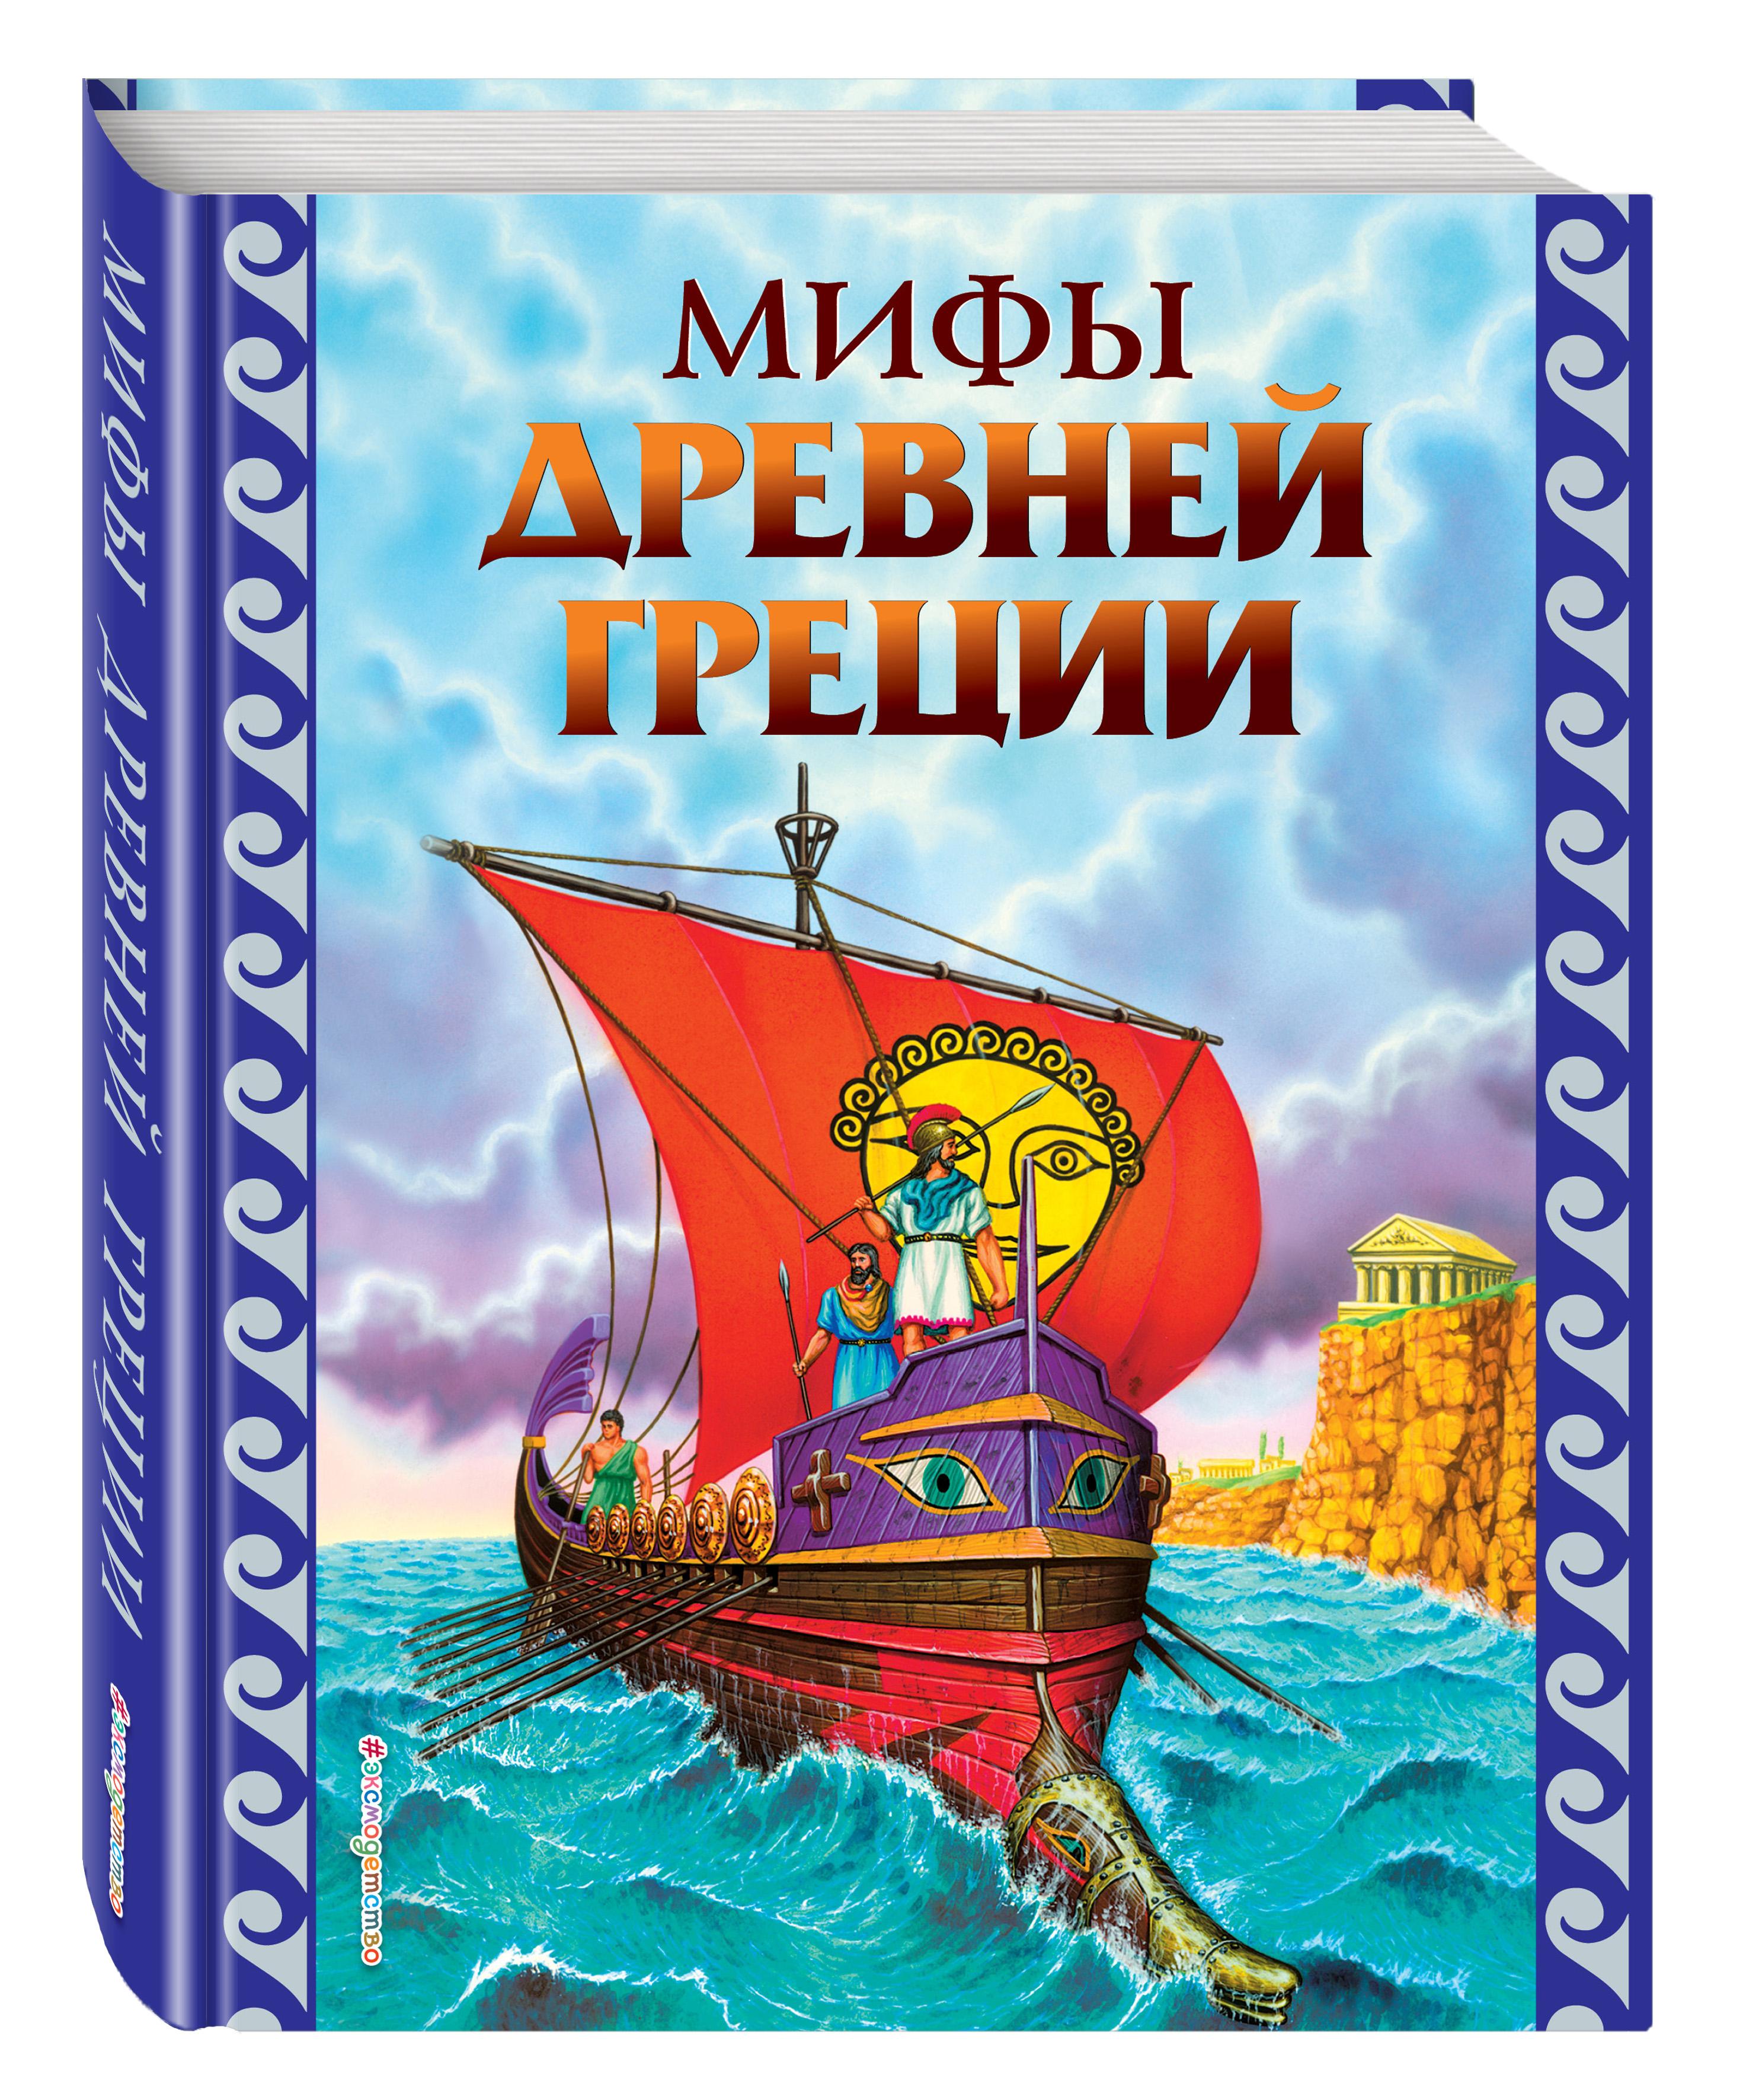 Мифы Древней Греции (ил. Г. Мацыгина) подвиги геракла ил г мацыгина